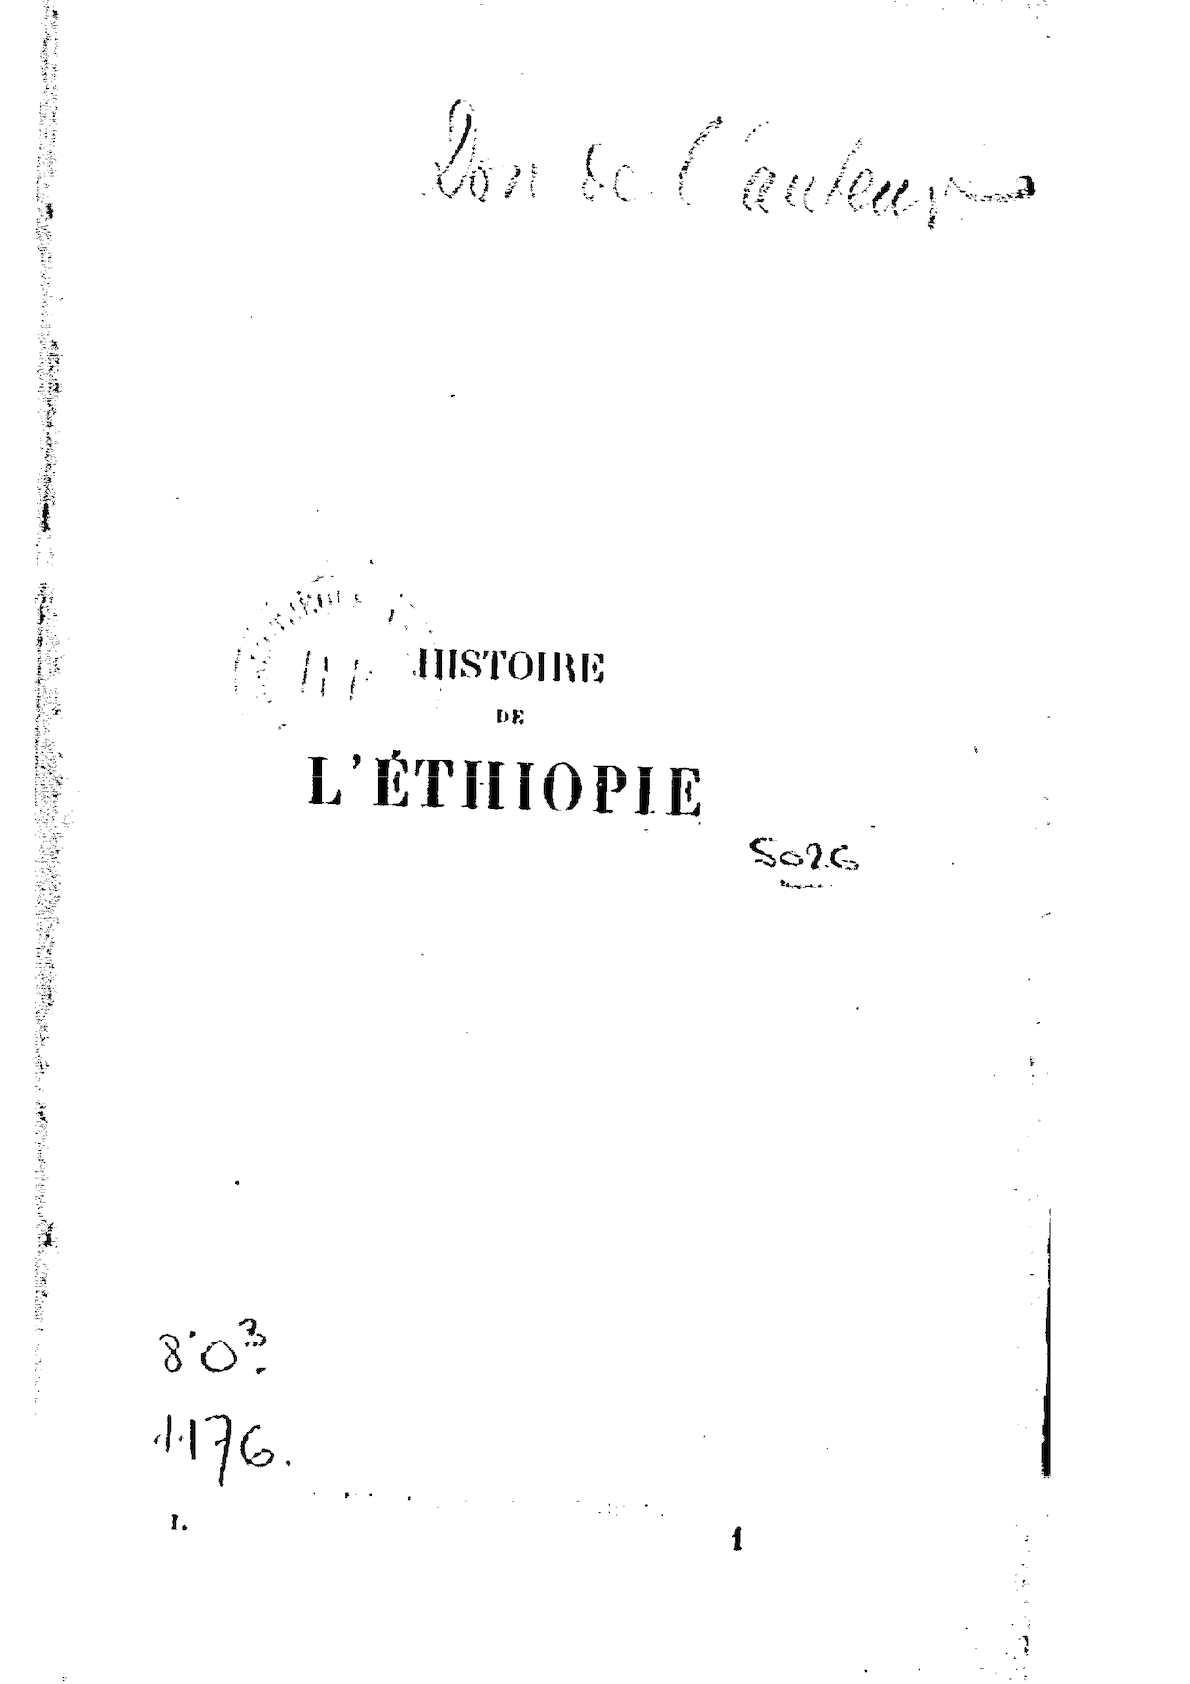 b70474c4f3f4 Calaméo - Histoire de l Ethiopie par L.-J. Morié. 1904